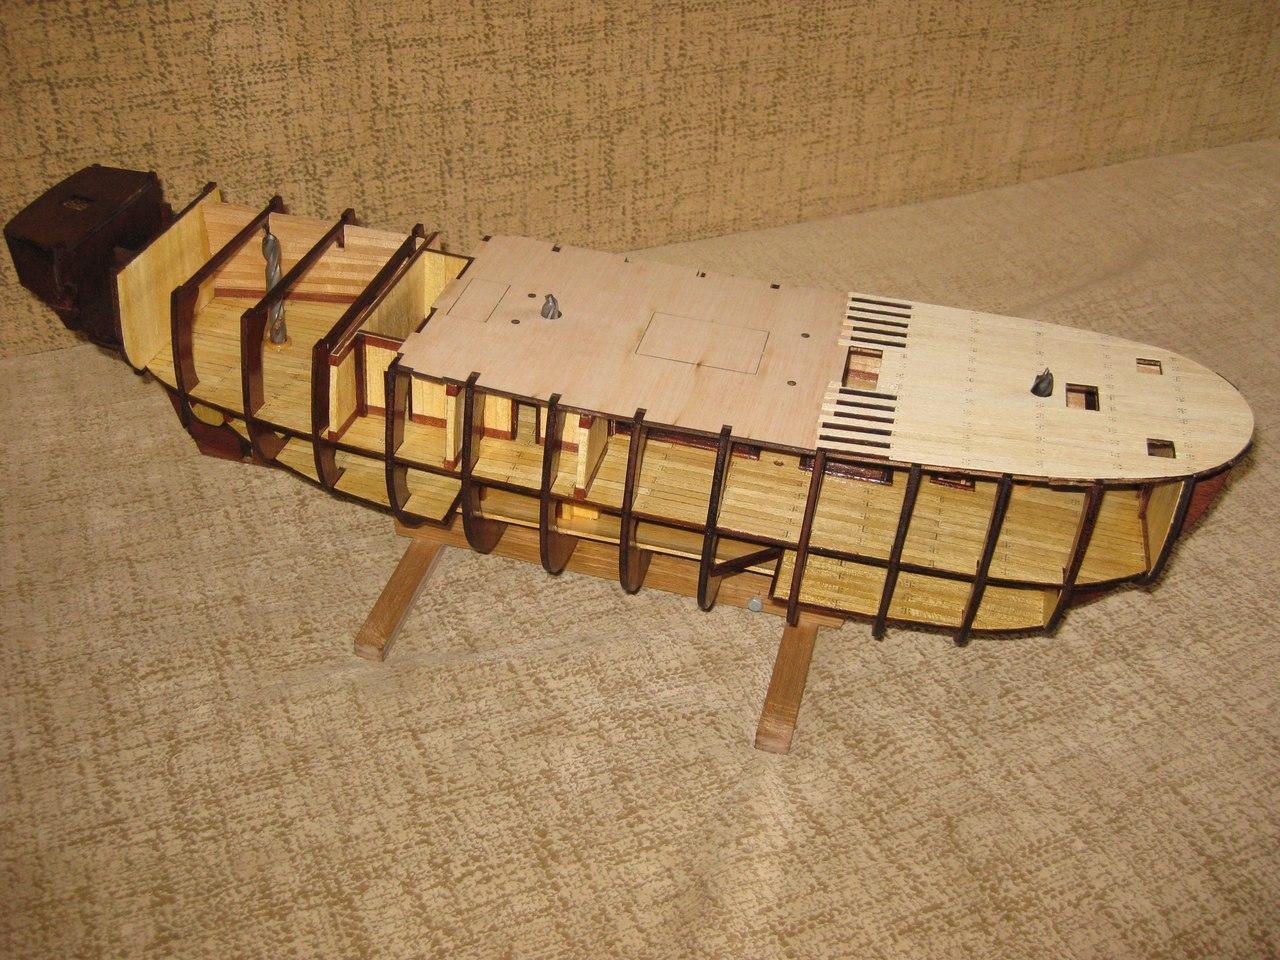 Как сделать поделку, игрушку корабль, кораблик из дерева своими руками? 42